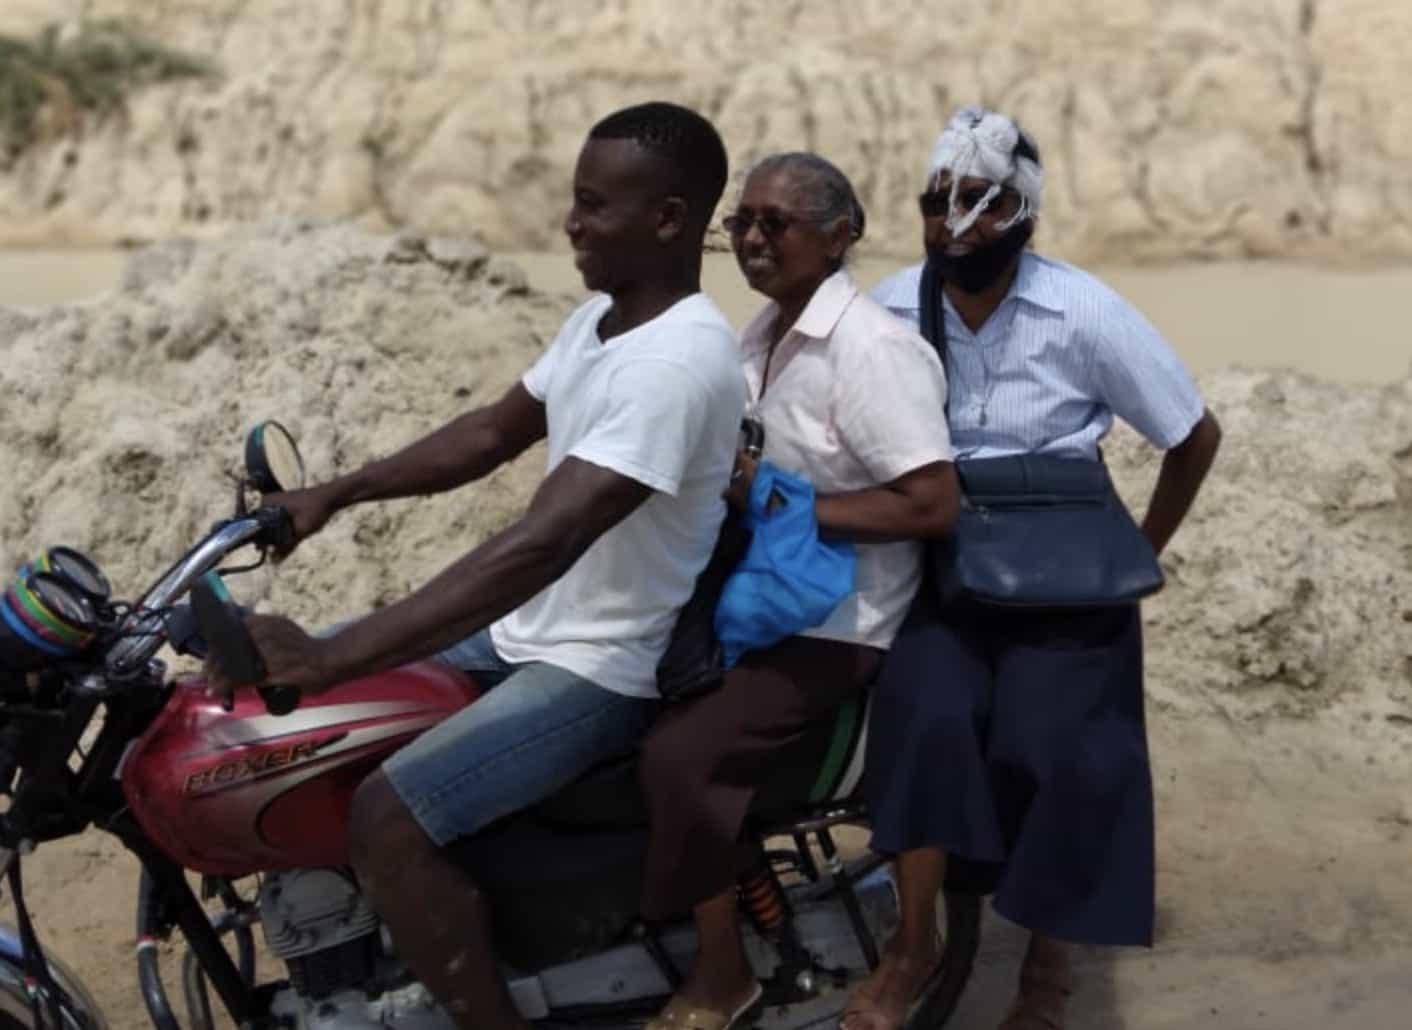 Sisters visit outstations in Kenya